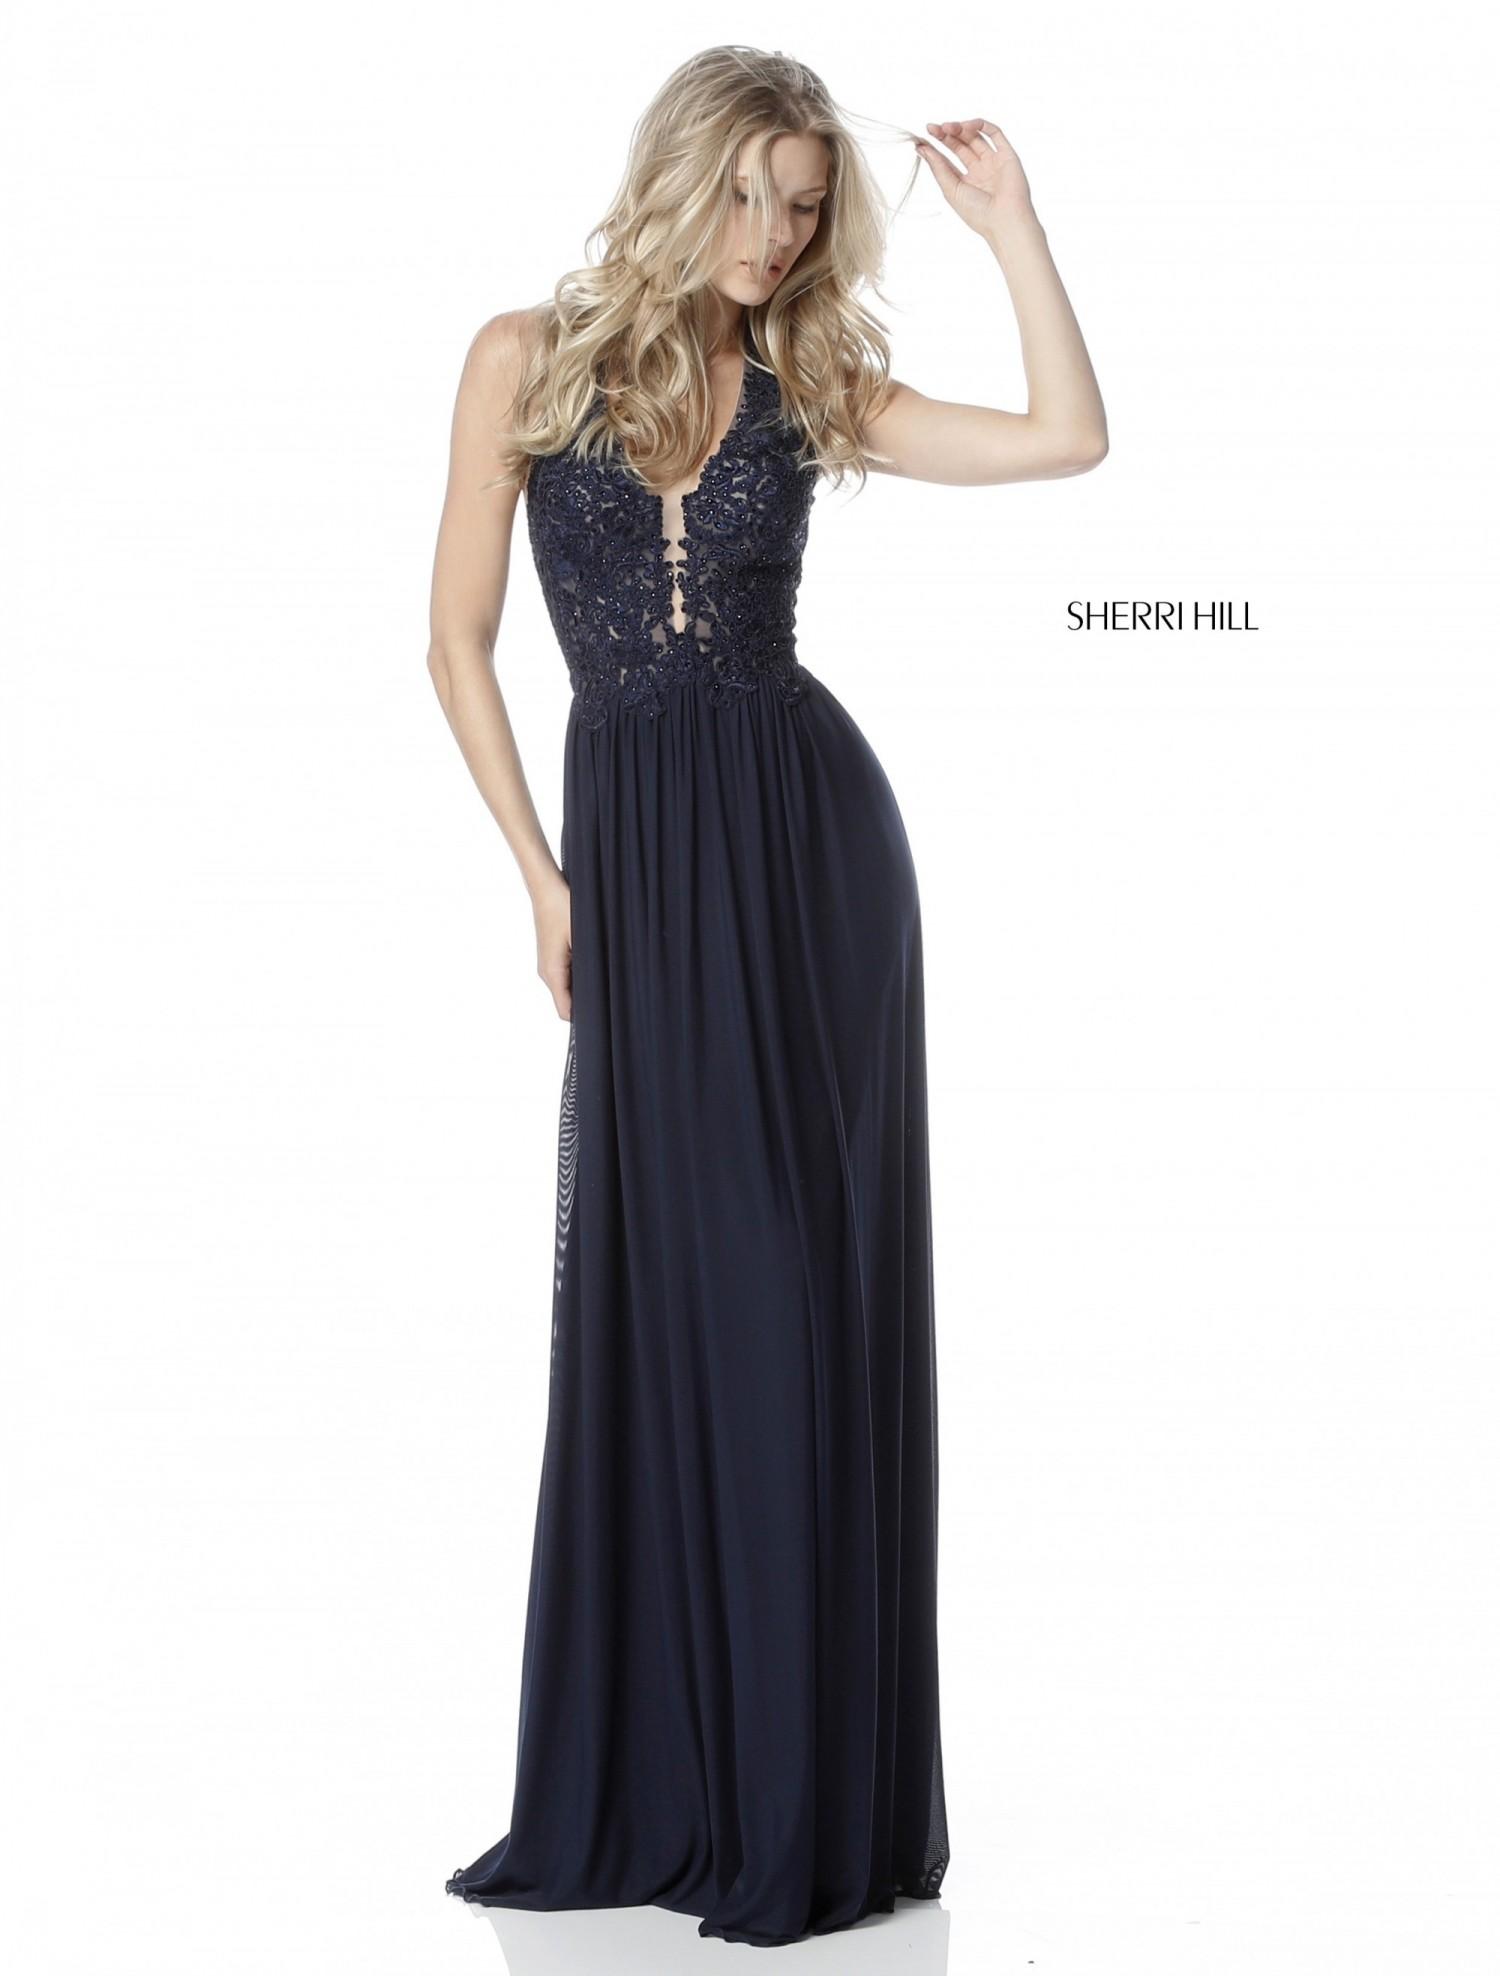 Sherri Hill 51553 Beaded Lace & Mesh Sheath Dress